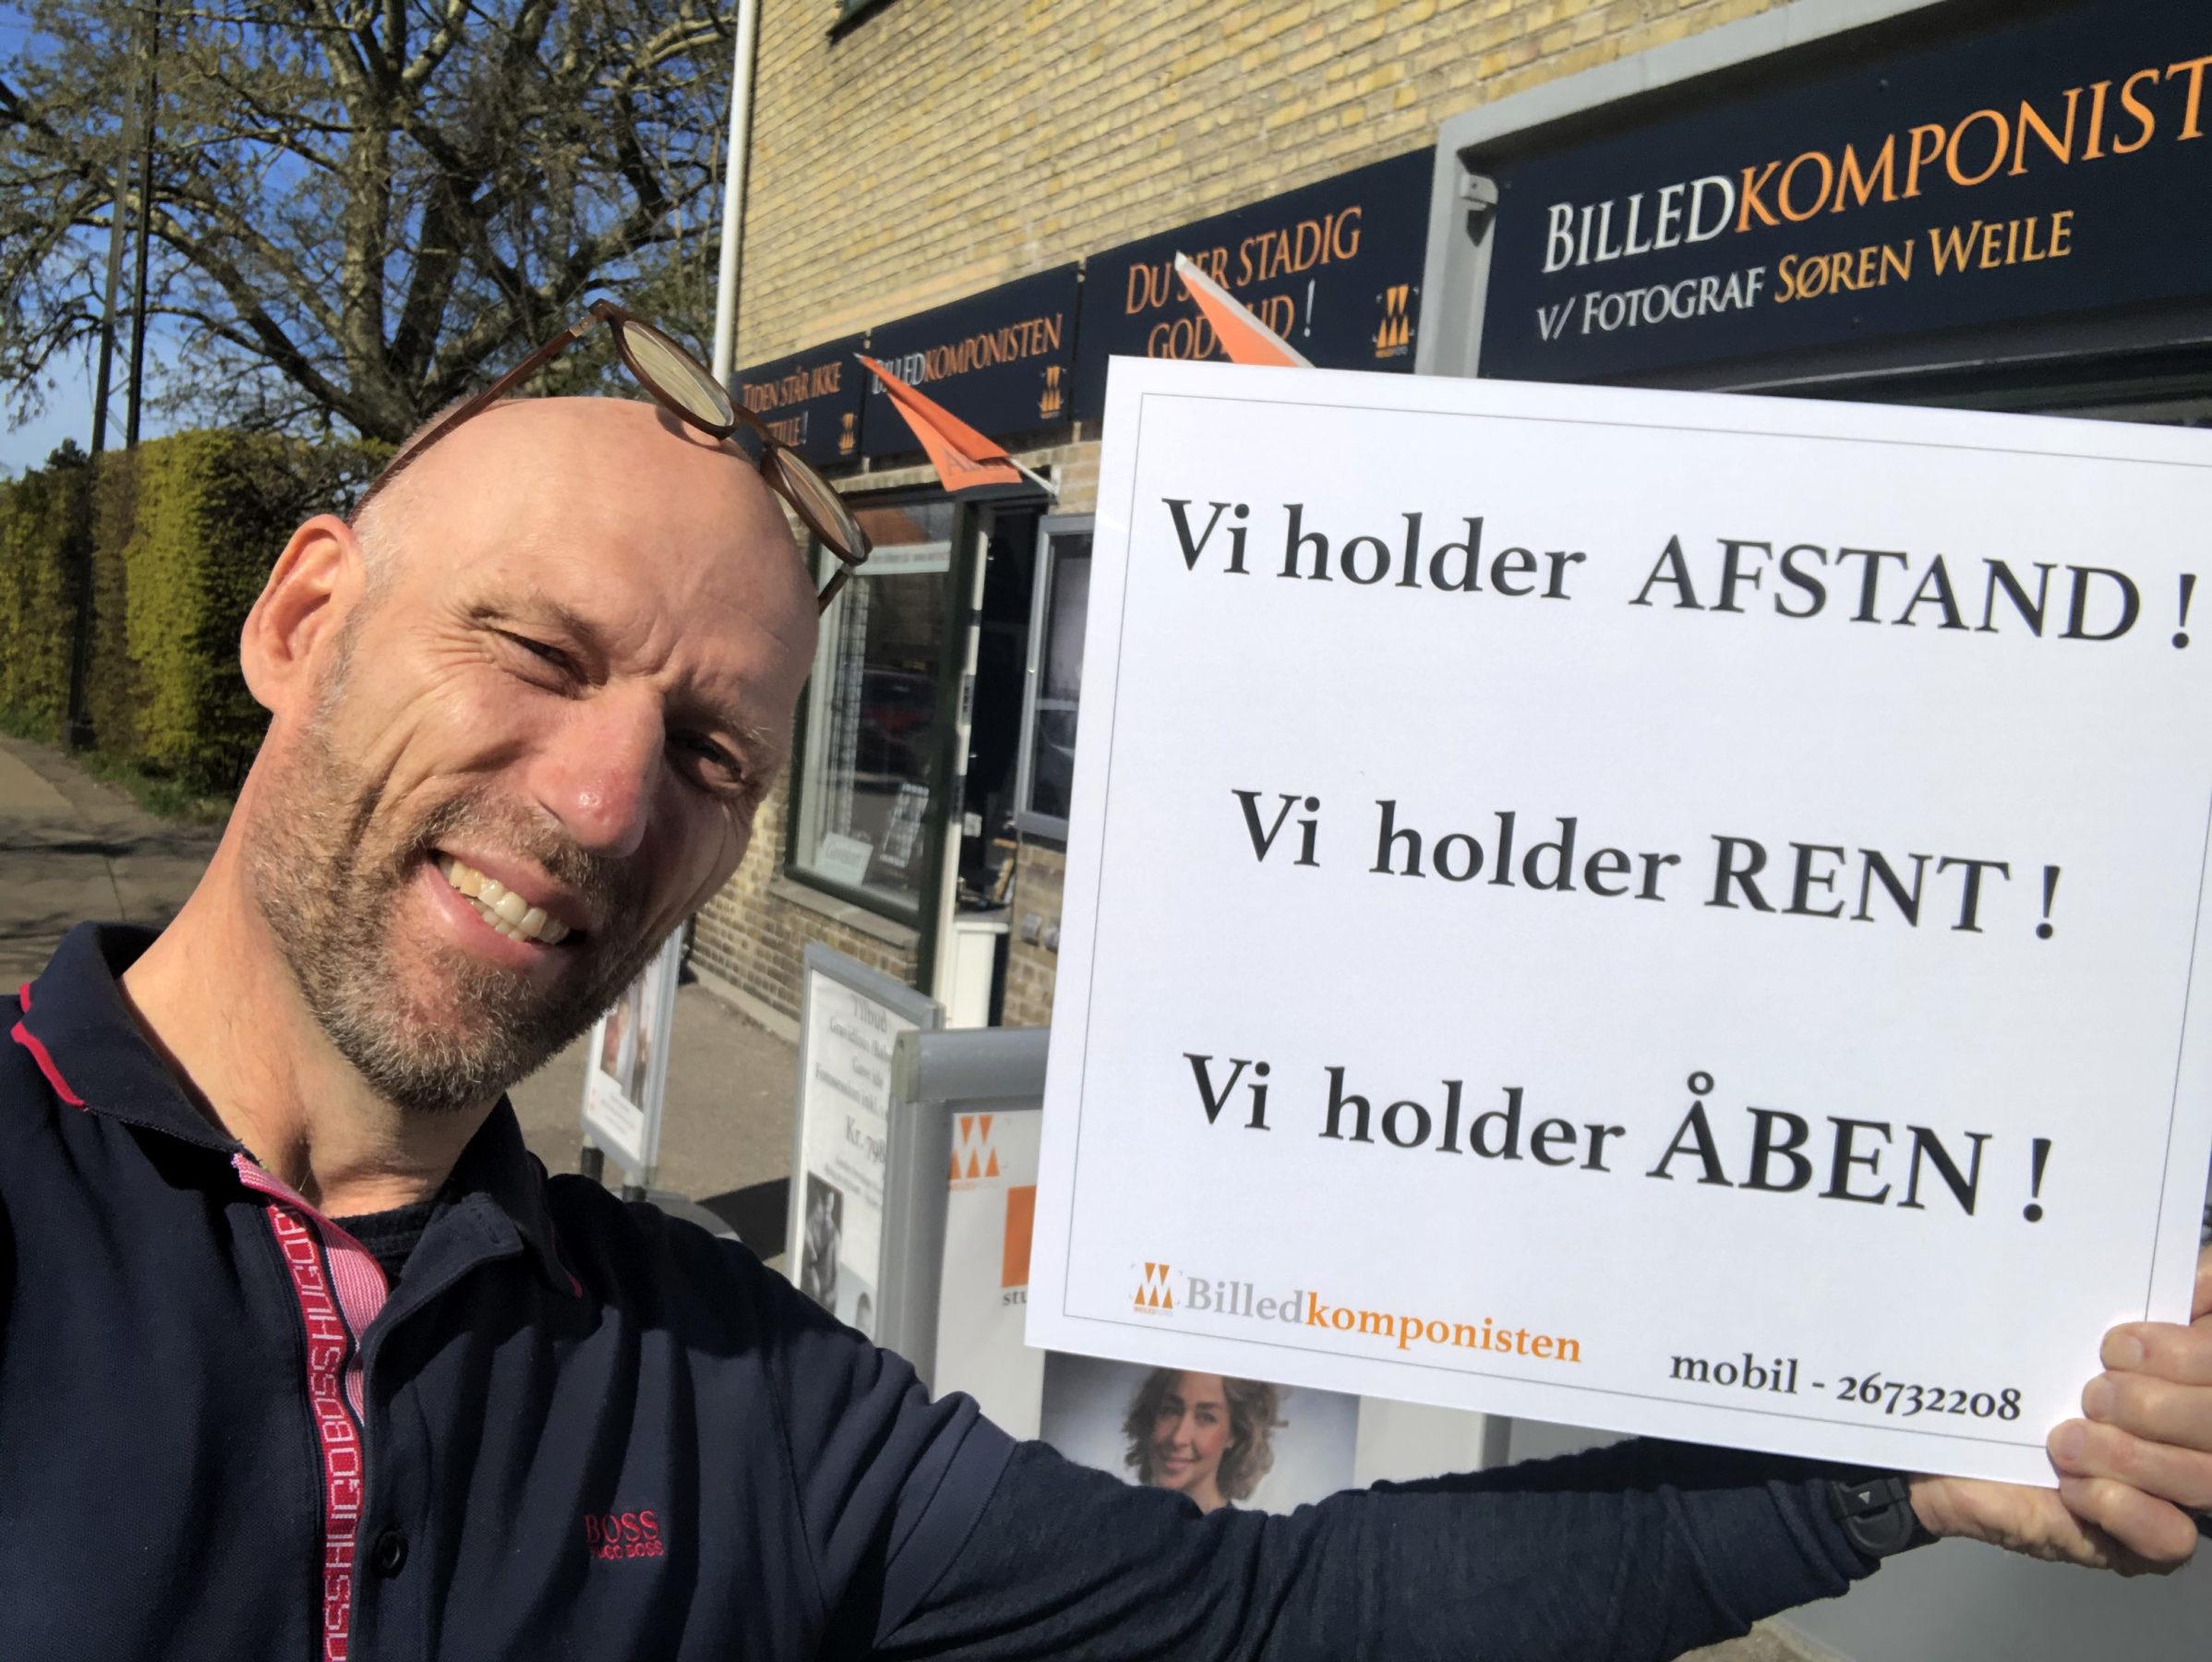 Fotografen i København holder åben !